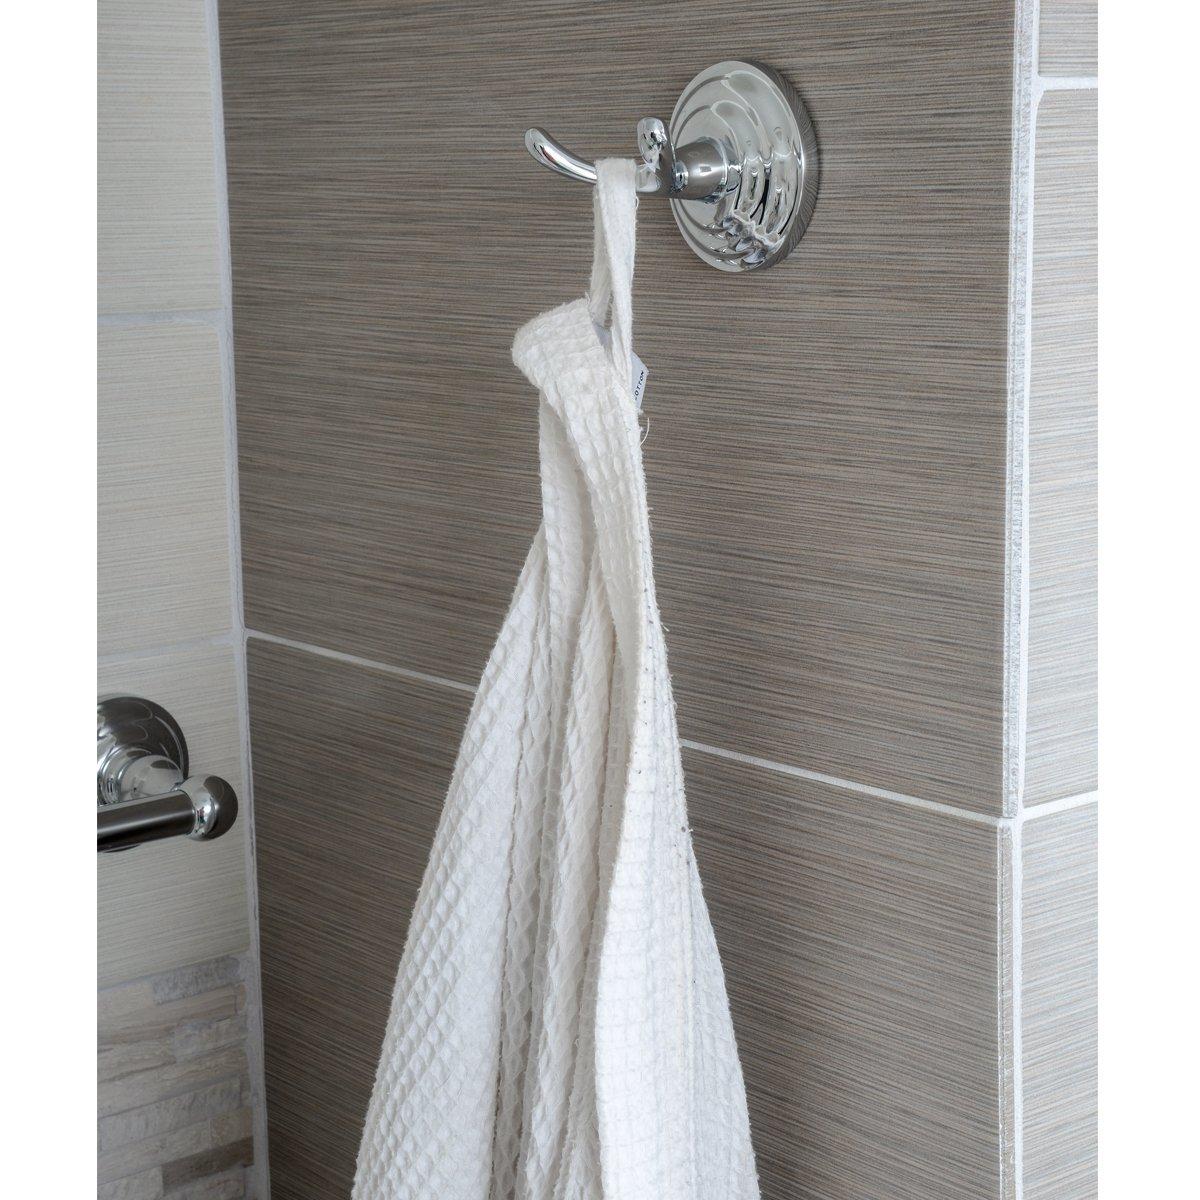 Ge/öltes Bronze Basics Klassischer Handtuch-Haken